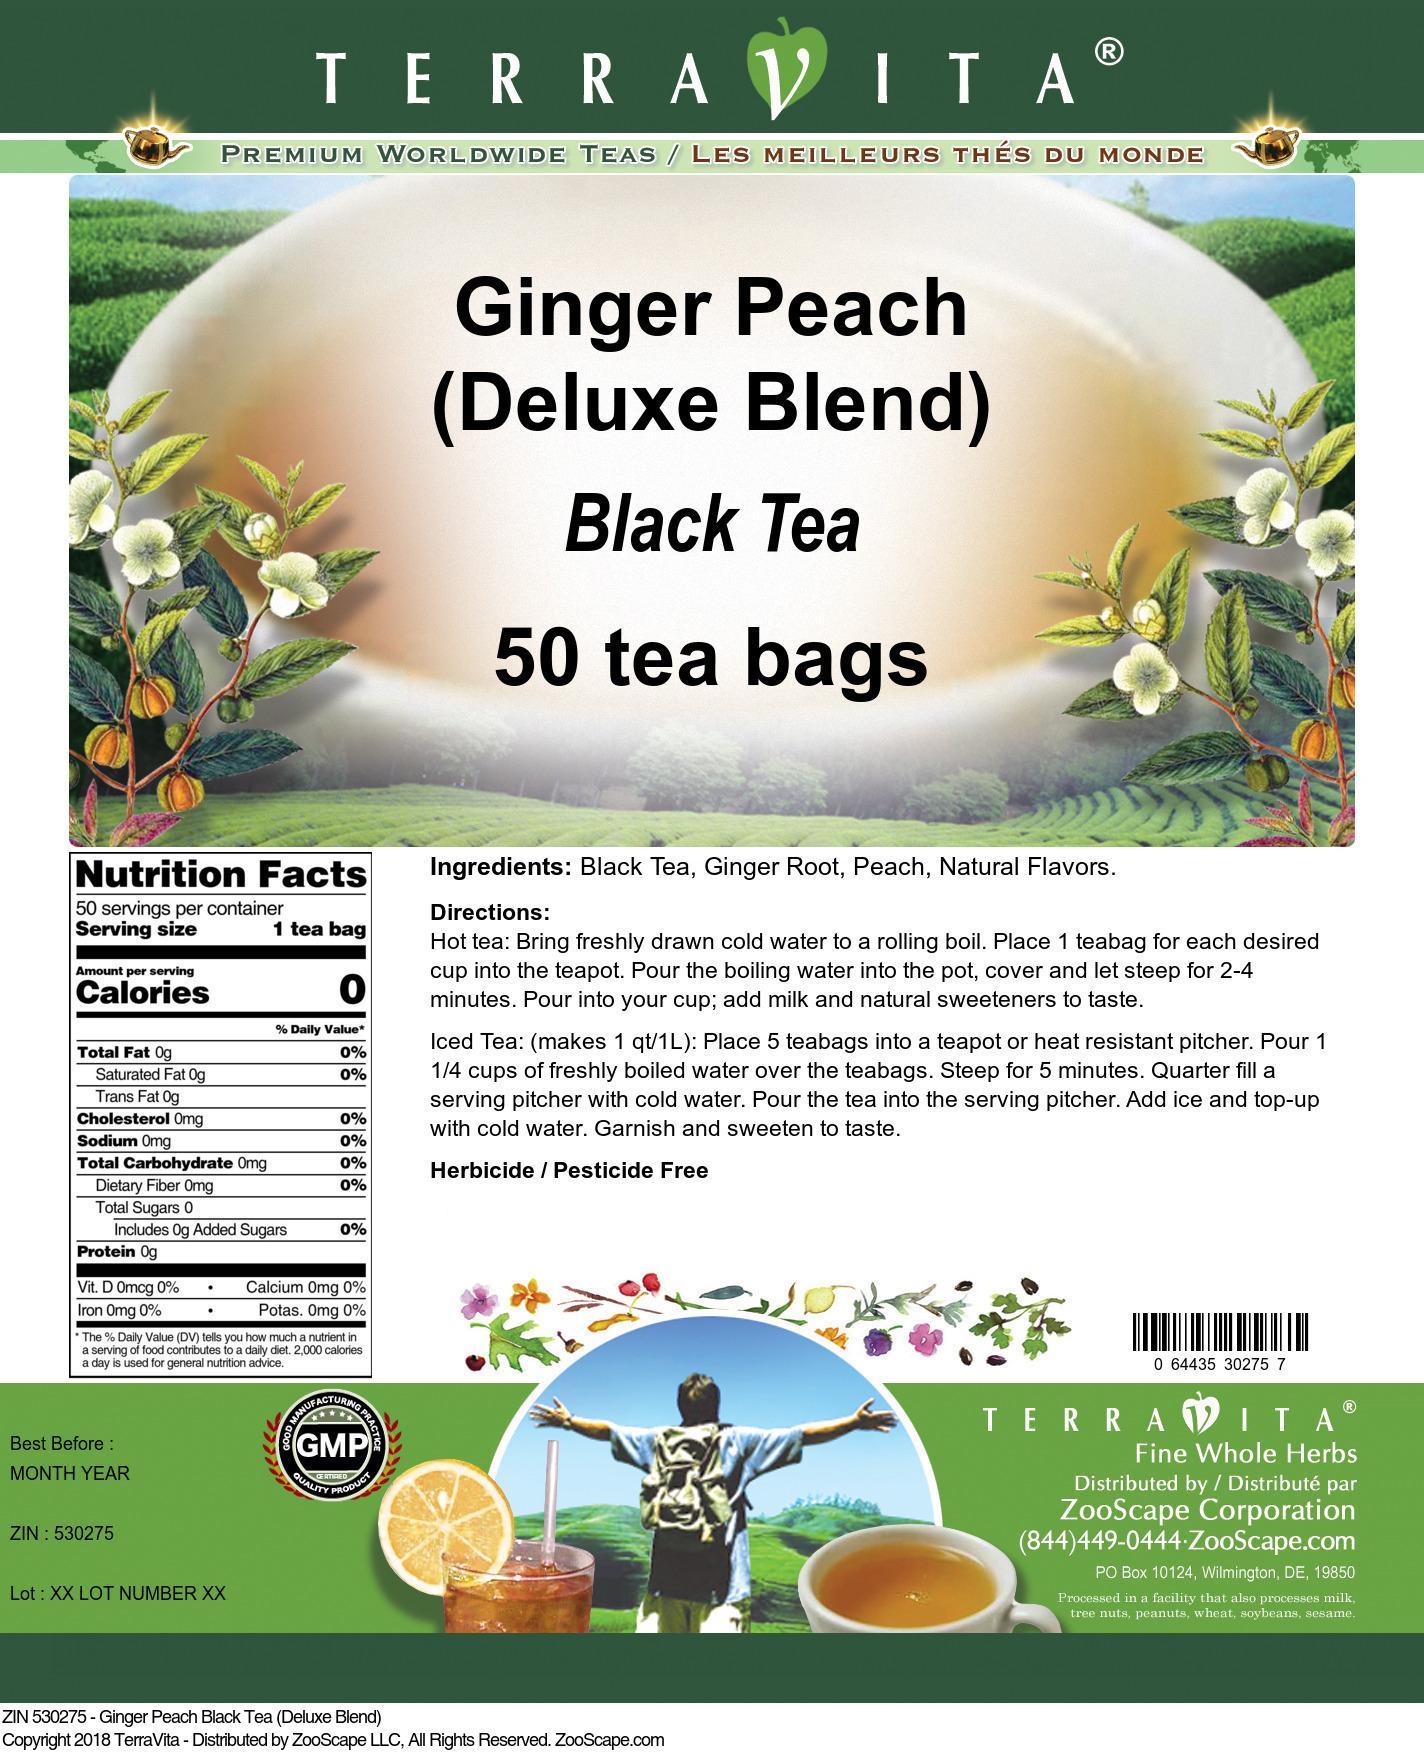 Ginger Peach Black Tea (Deluxe Blend)